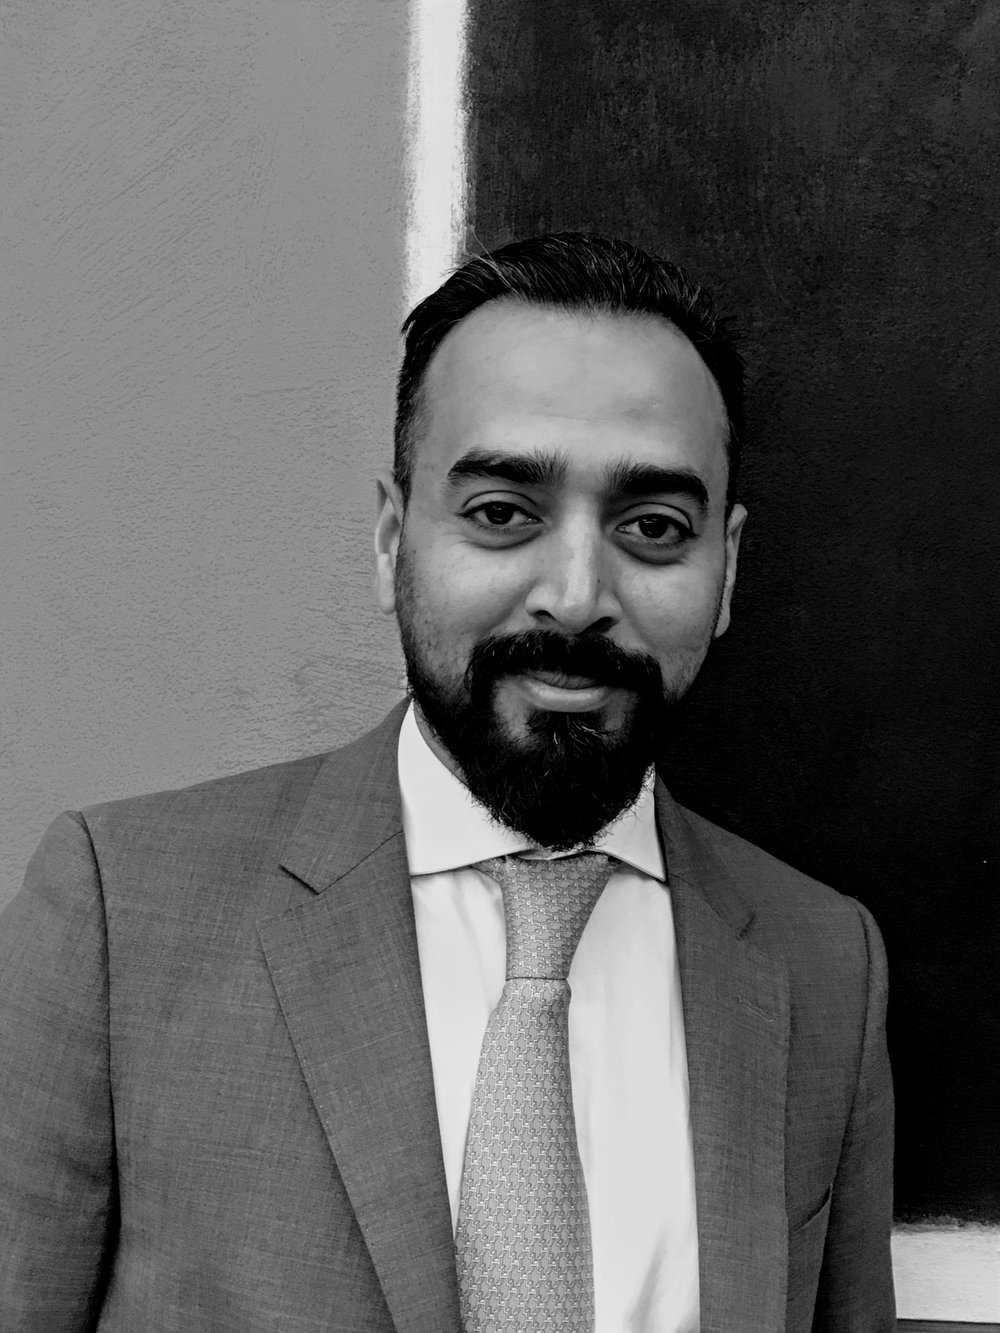 Ziyad Mohammed - Planning stratégique et Gestion de risque |Expert de la chaîne logistique dans l'industrie du luxe.Originaire d'Inde, et résident aux Emirats Arabes depuis plus de trente années, Ziyad est titulaire d'un MBA. Il présente une expertise significative dans la vente au détail (retail), principalement dans les régions du Moyen-Orient, de l'Afrique et de l'Inde.Sa capacité à ouvrir de nouveaux marchés à l'international, son talent pour encadrer les équipes et son regard affuté, constituent autant d'atouts qui sont insufflés au sein de de La Maison Hubert.